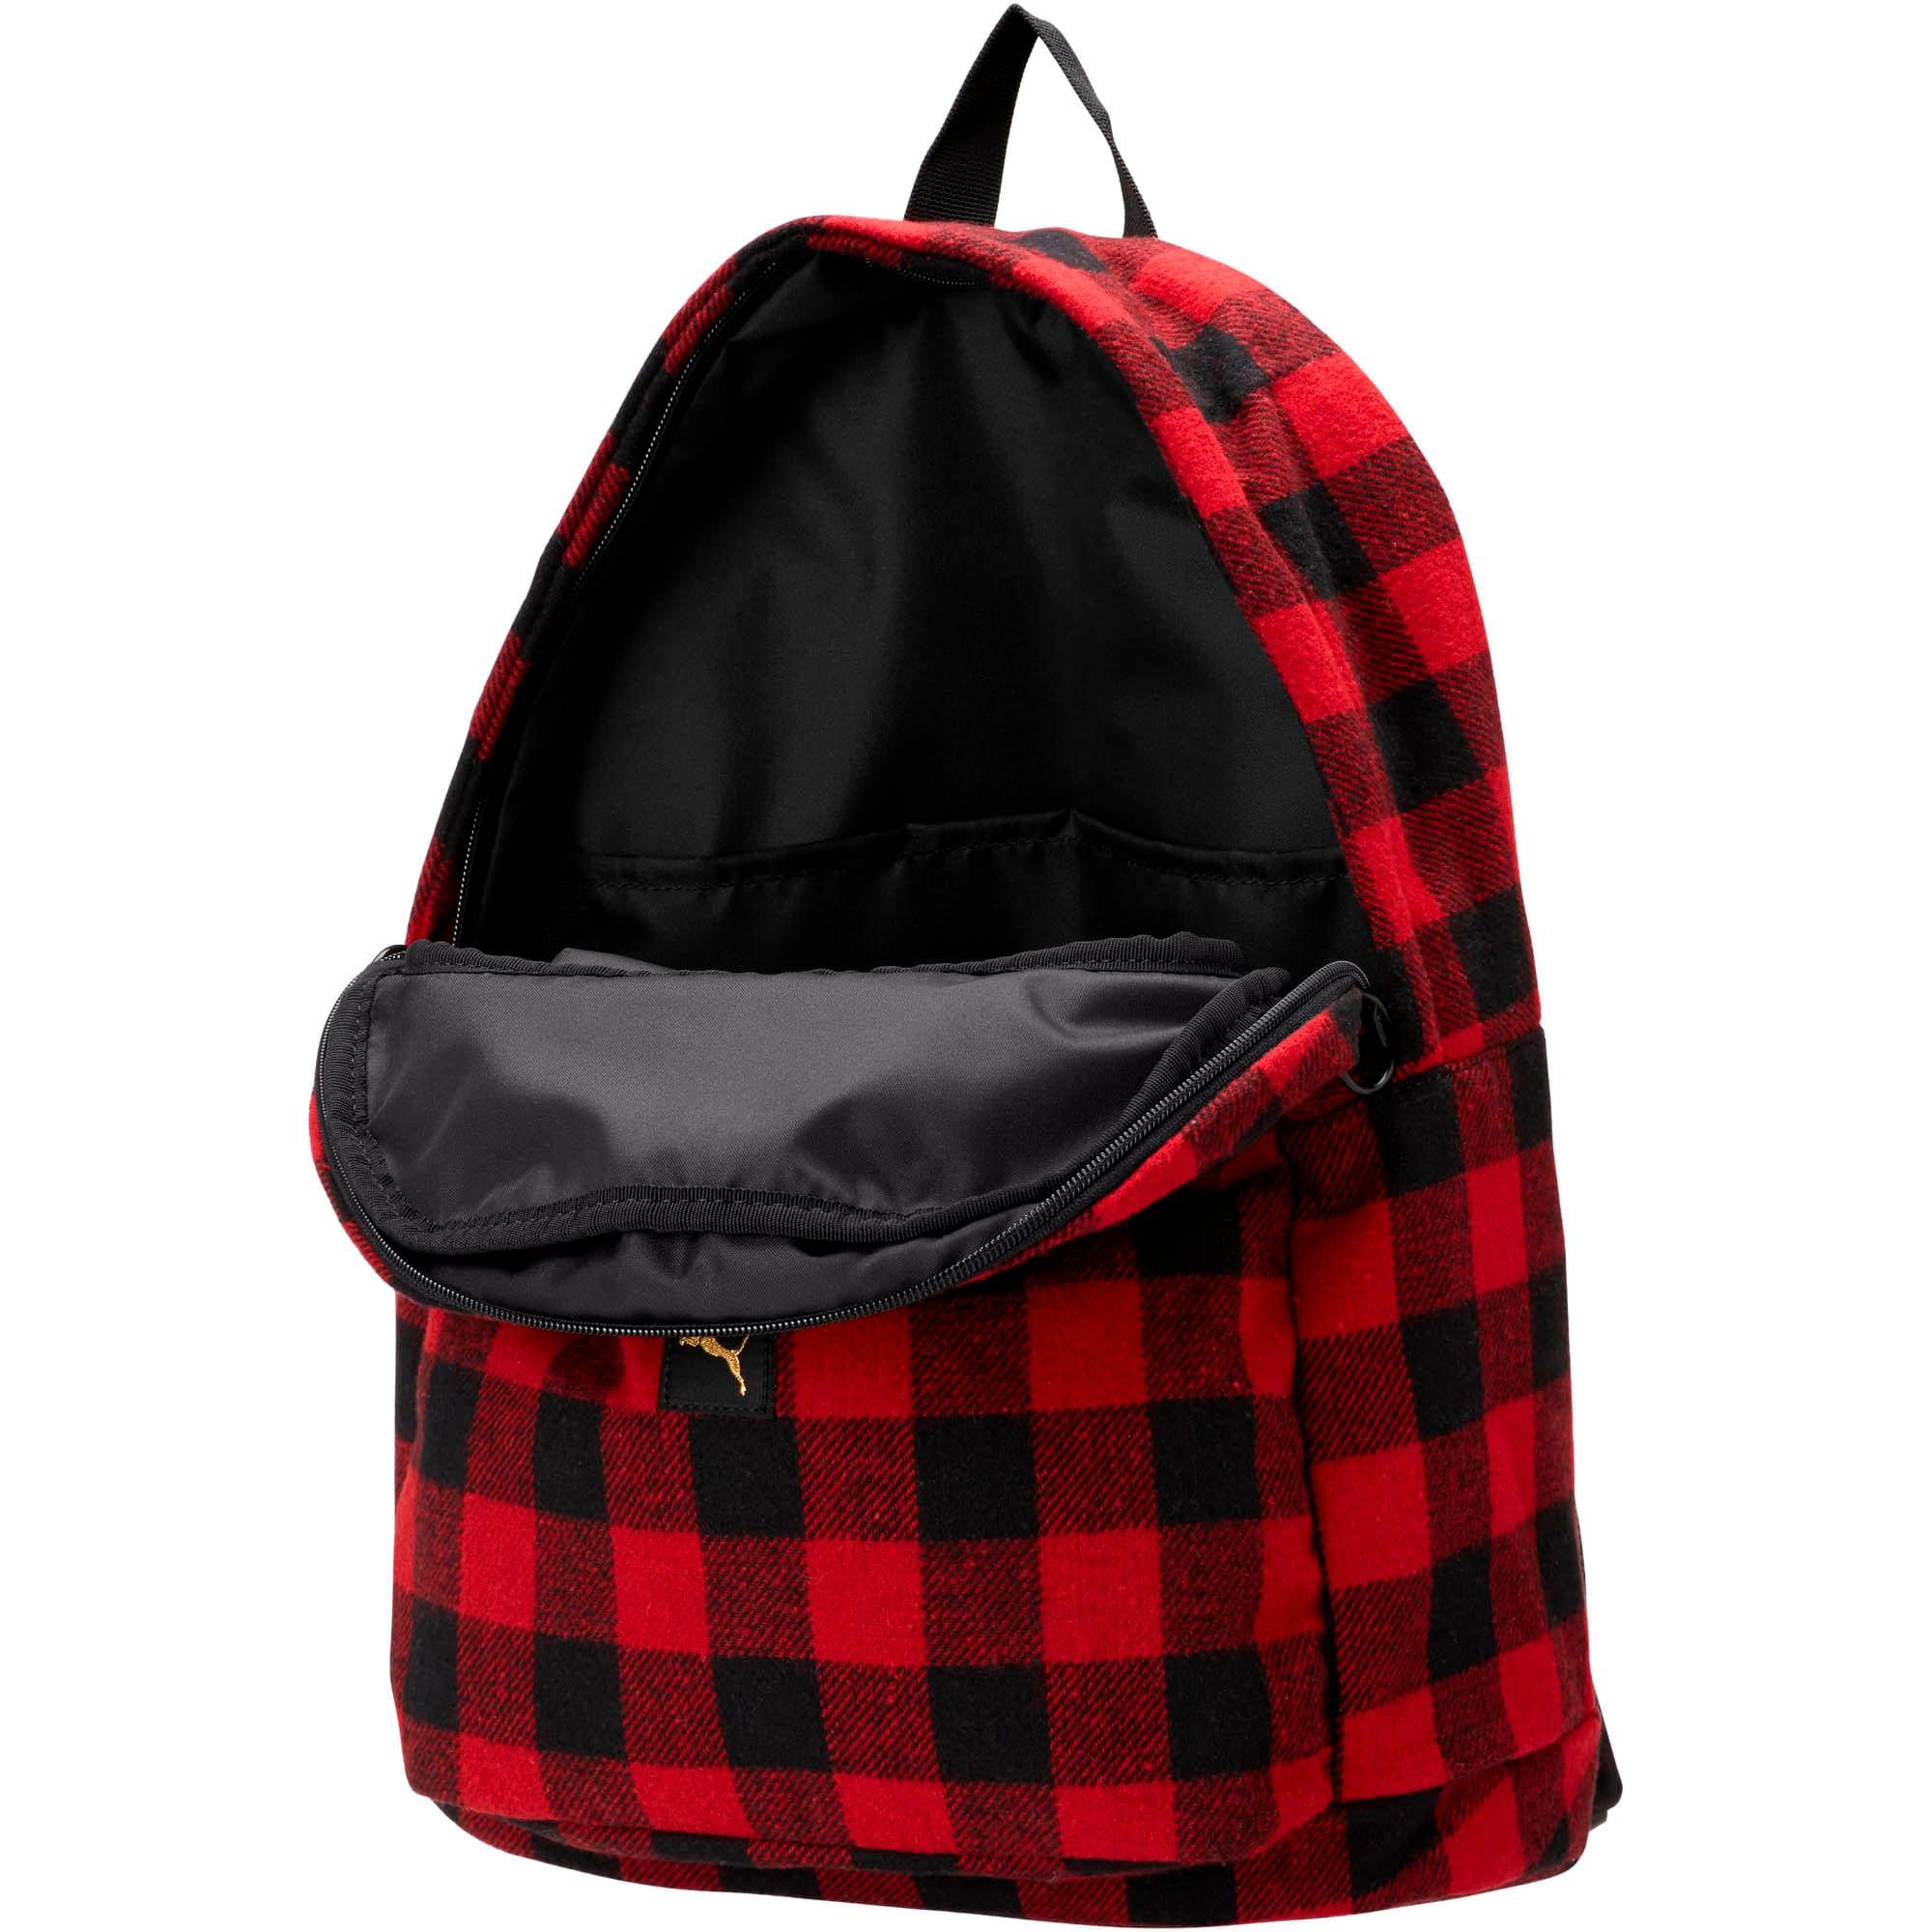 Thumbnail 2 of Check Backpack, Puma Black-Ribbon Red-check, medium